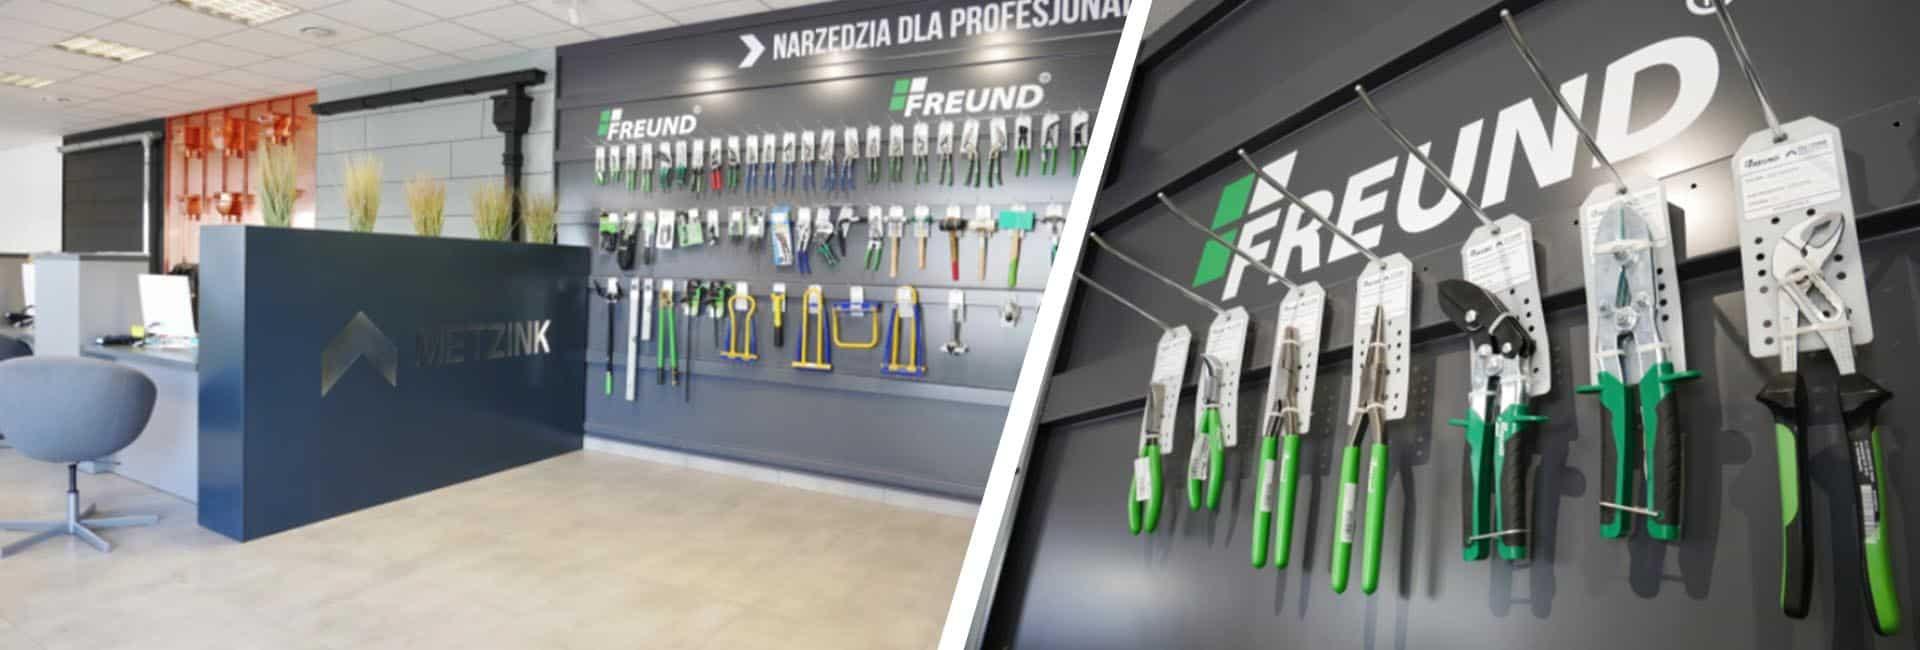 Profesjonalne narzędzia dekarskie - MetZink